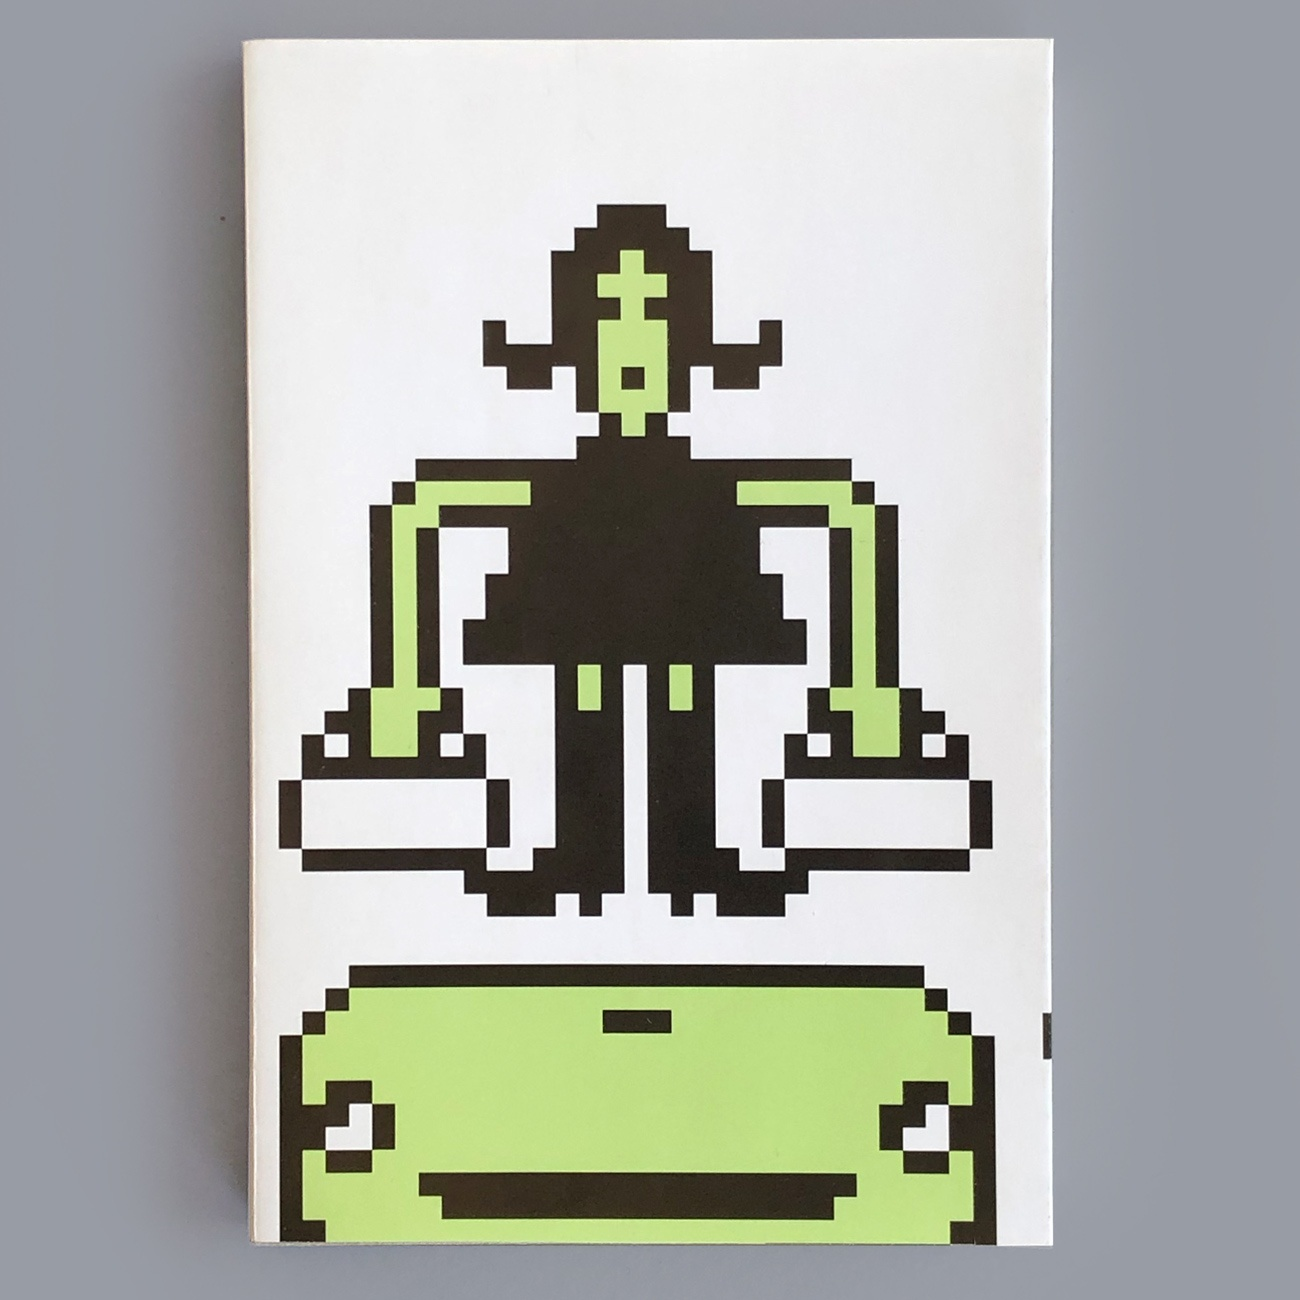 Notizbuch, recycling Papier, gepixelte Figuren, Titelblatt,